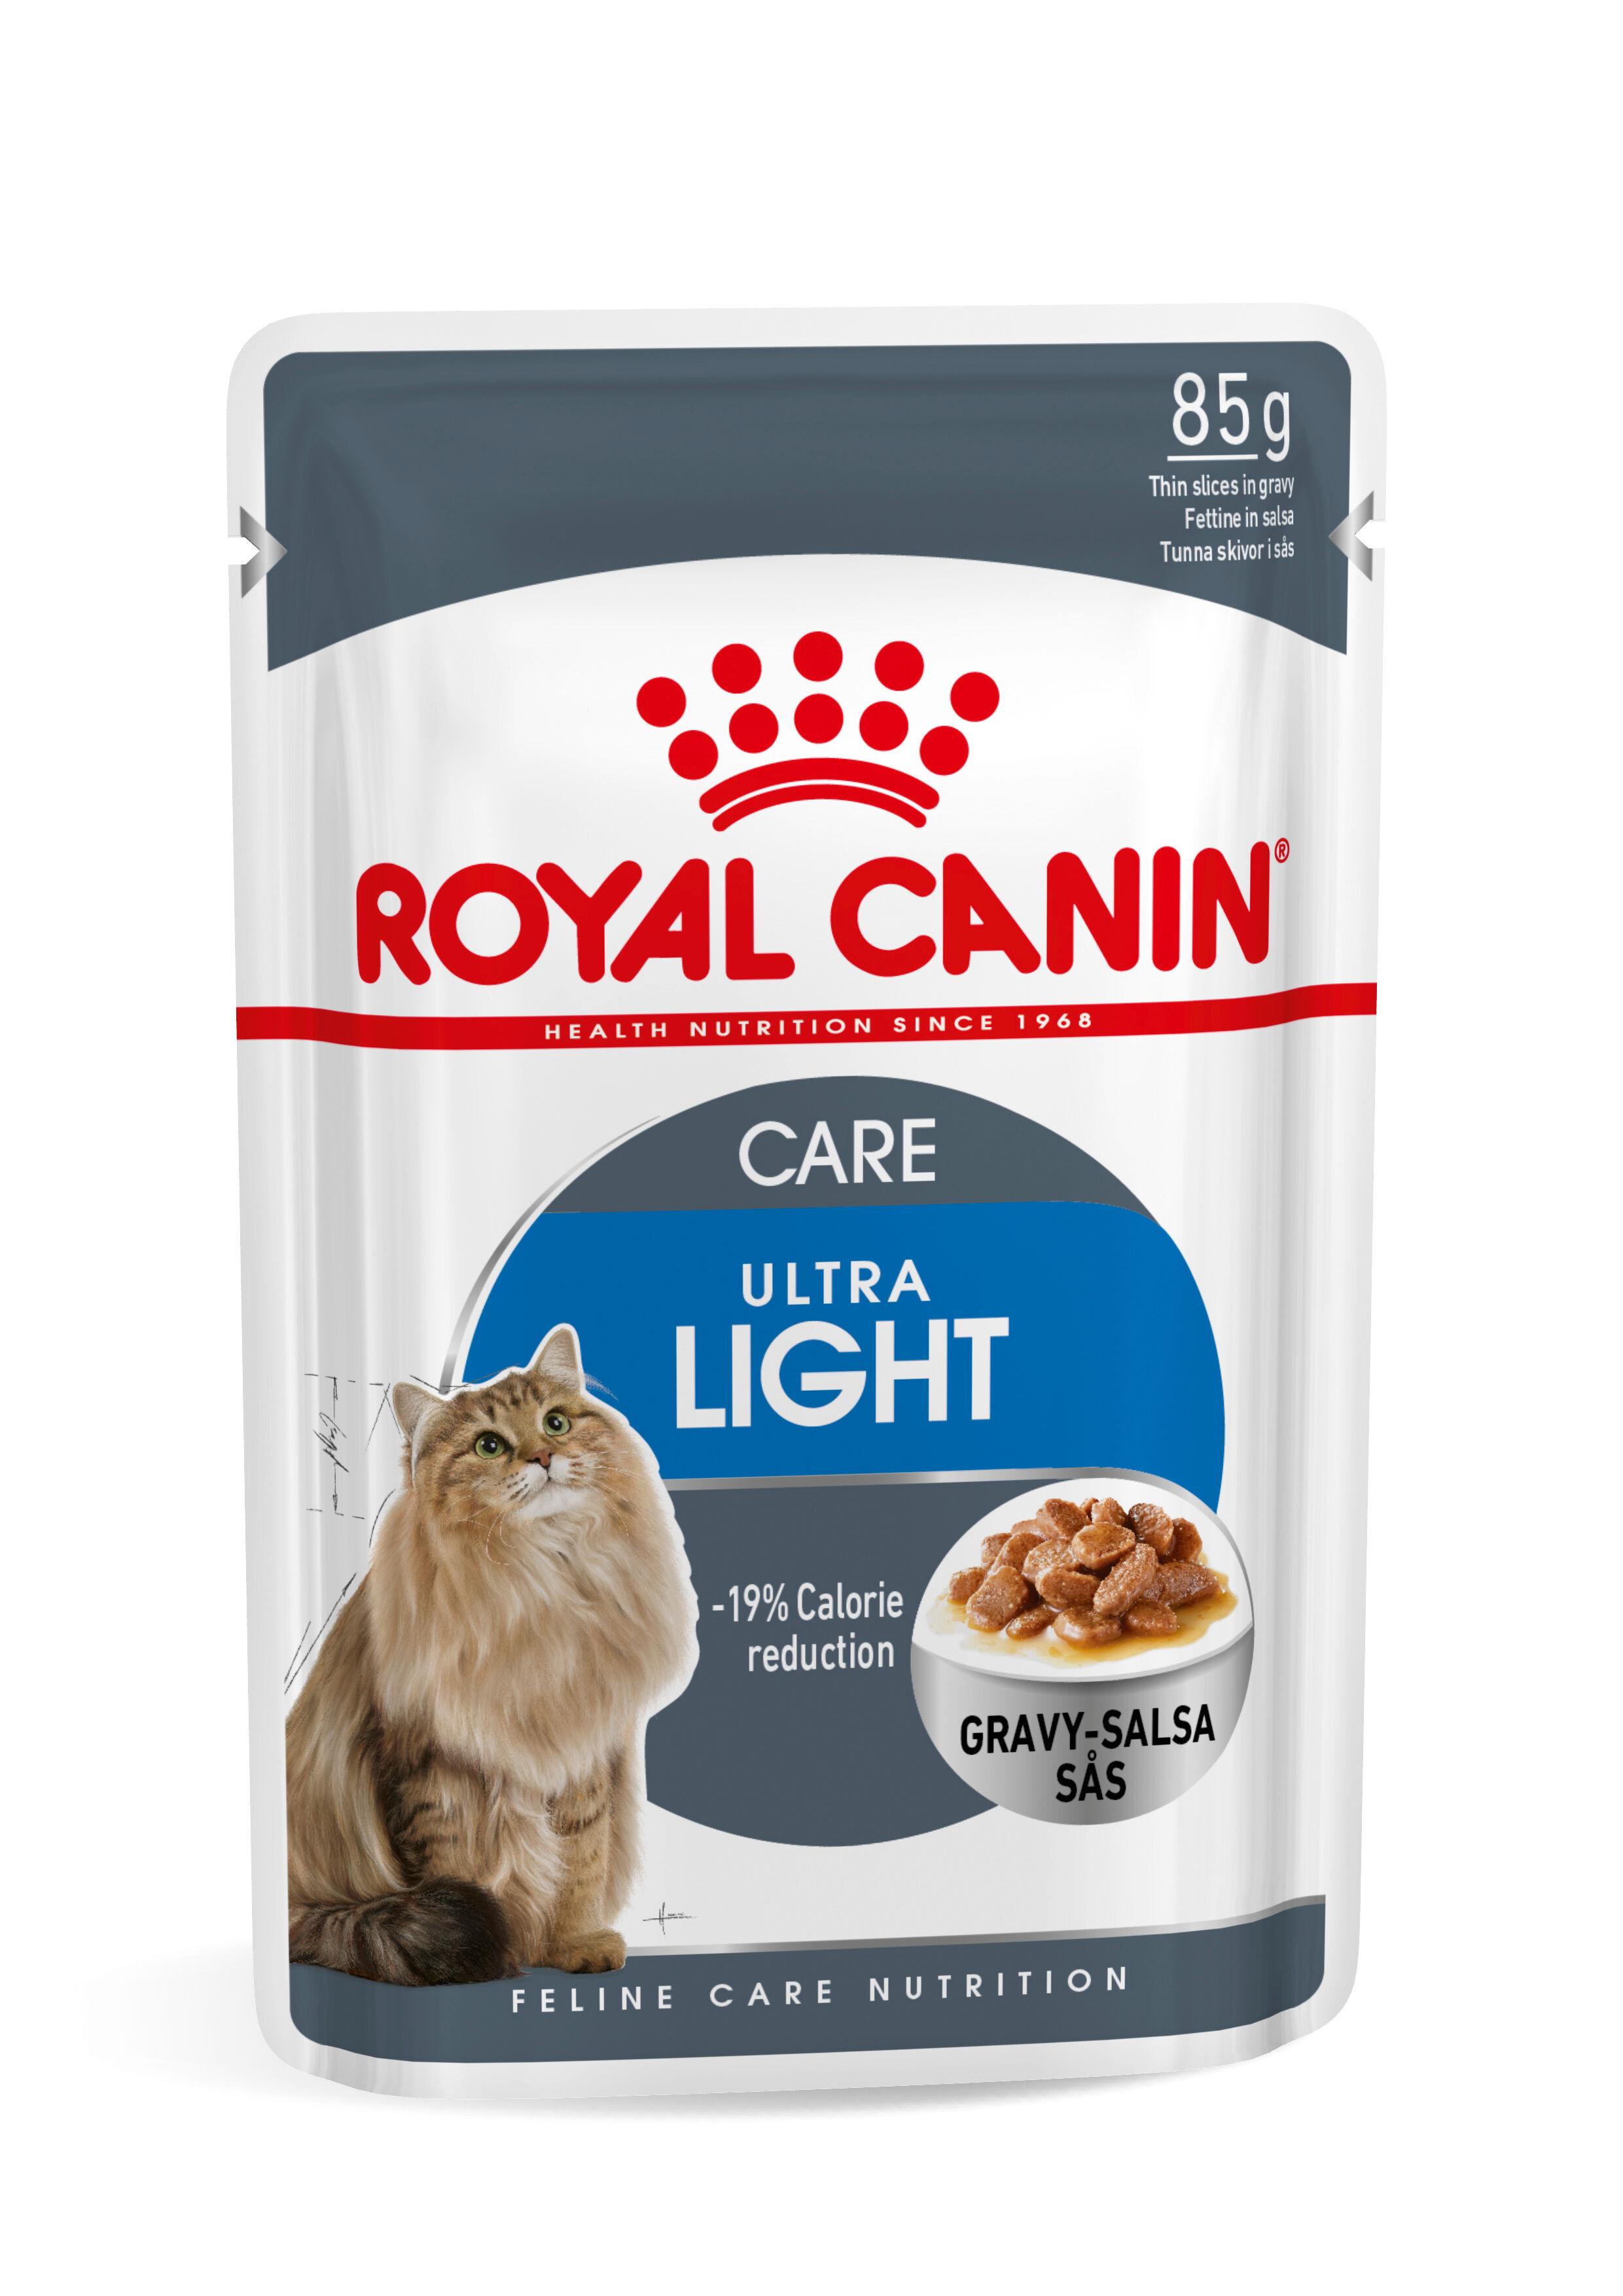 Royal Canin Light pâtée pour chat x12 2x Sauce + 2x Gelée (48x85 gr)